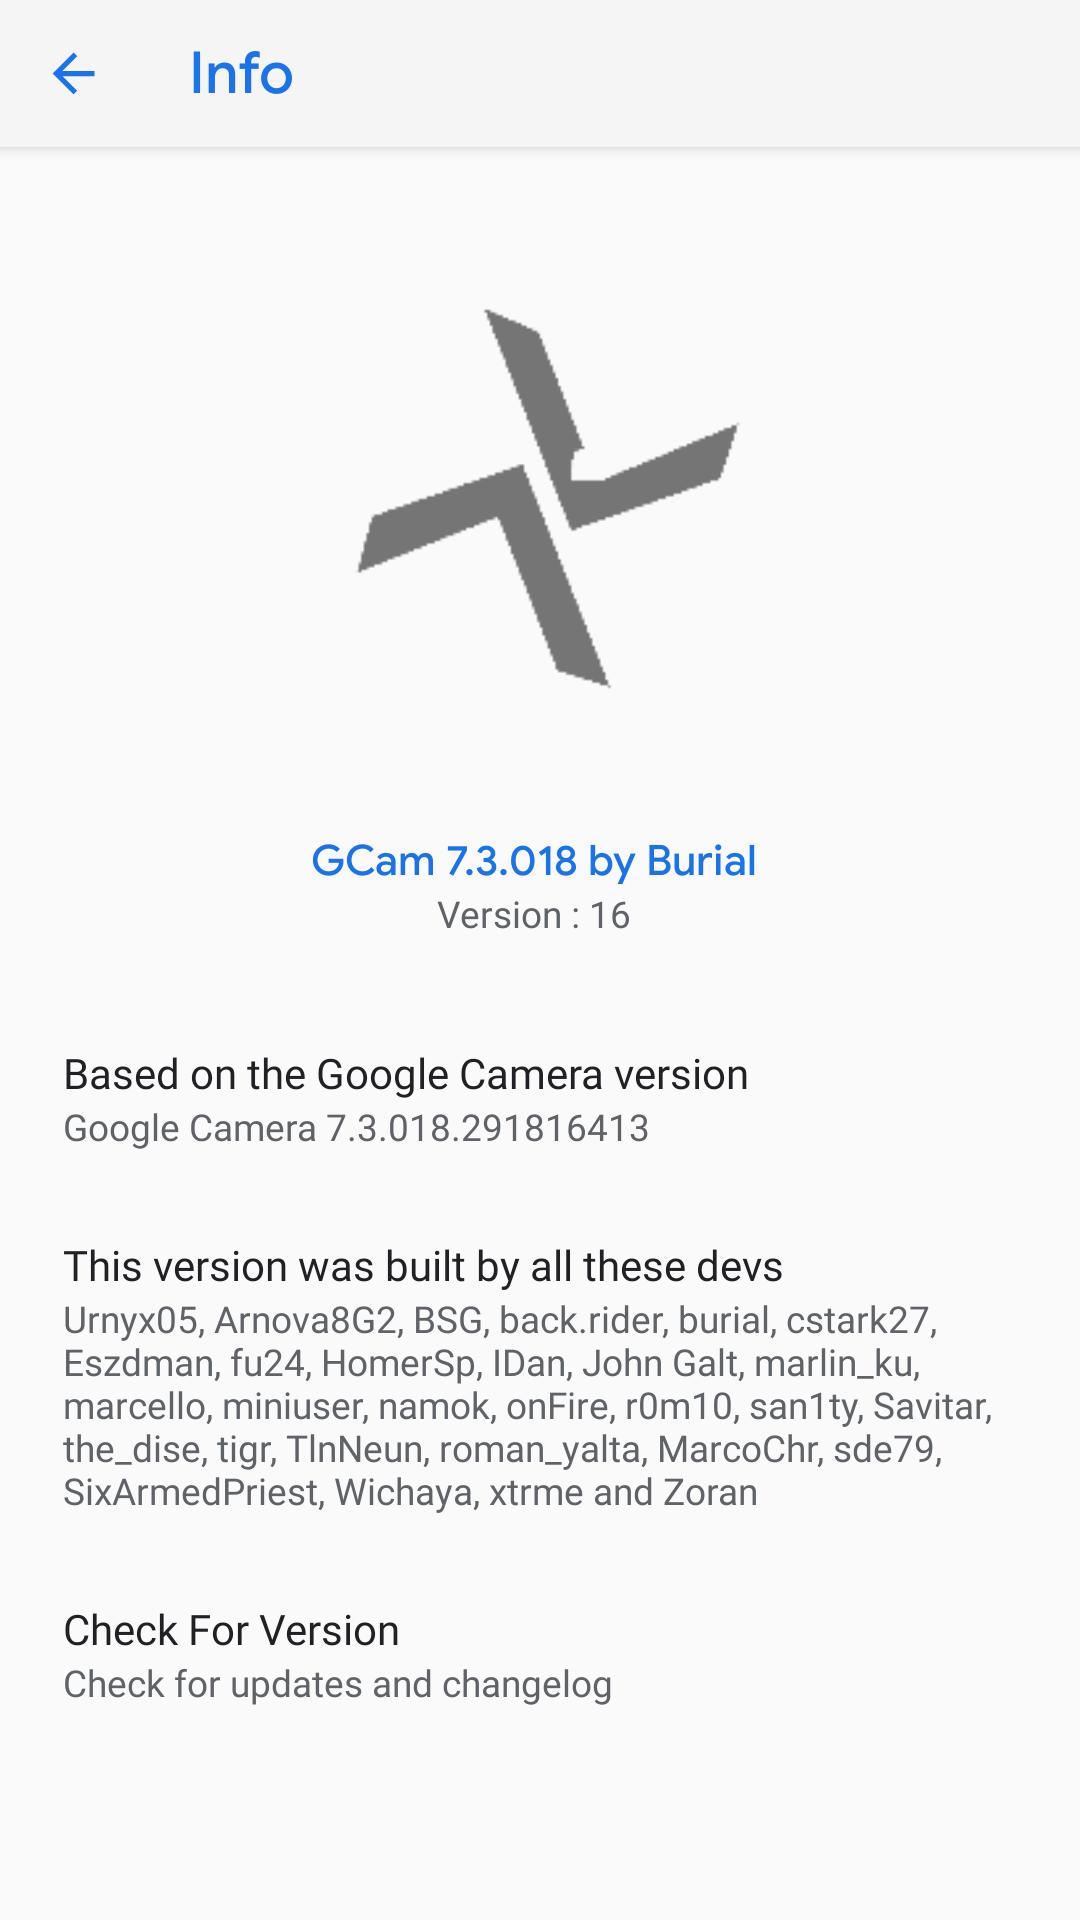 GCam_7.3_Burial_release_beta_16.apk